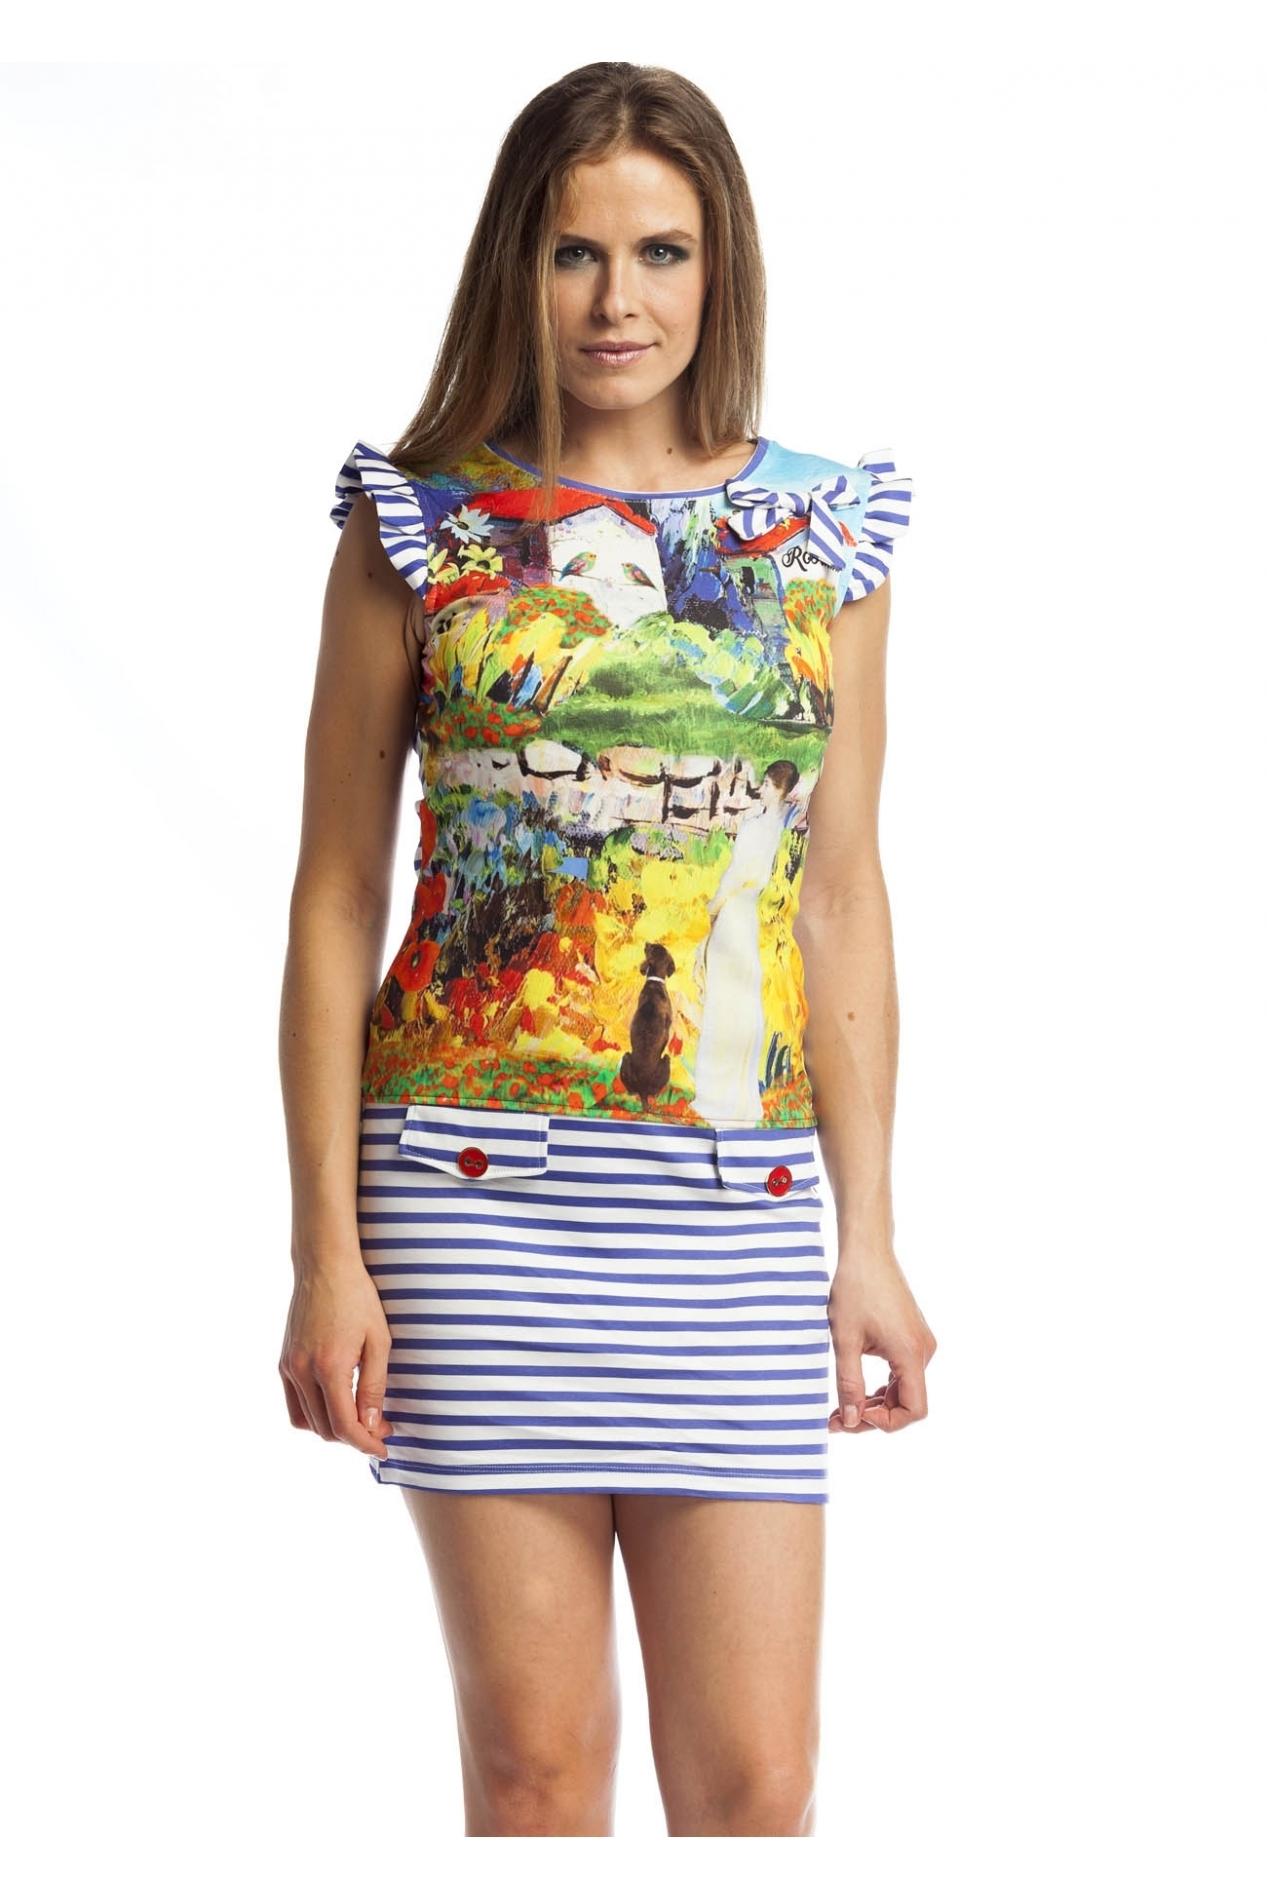 Rosalita McGee: Monet Garden Ruffled Bow Dress/Tunic (2 Left!) RM_TERESA_DRESS_N